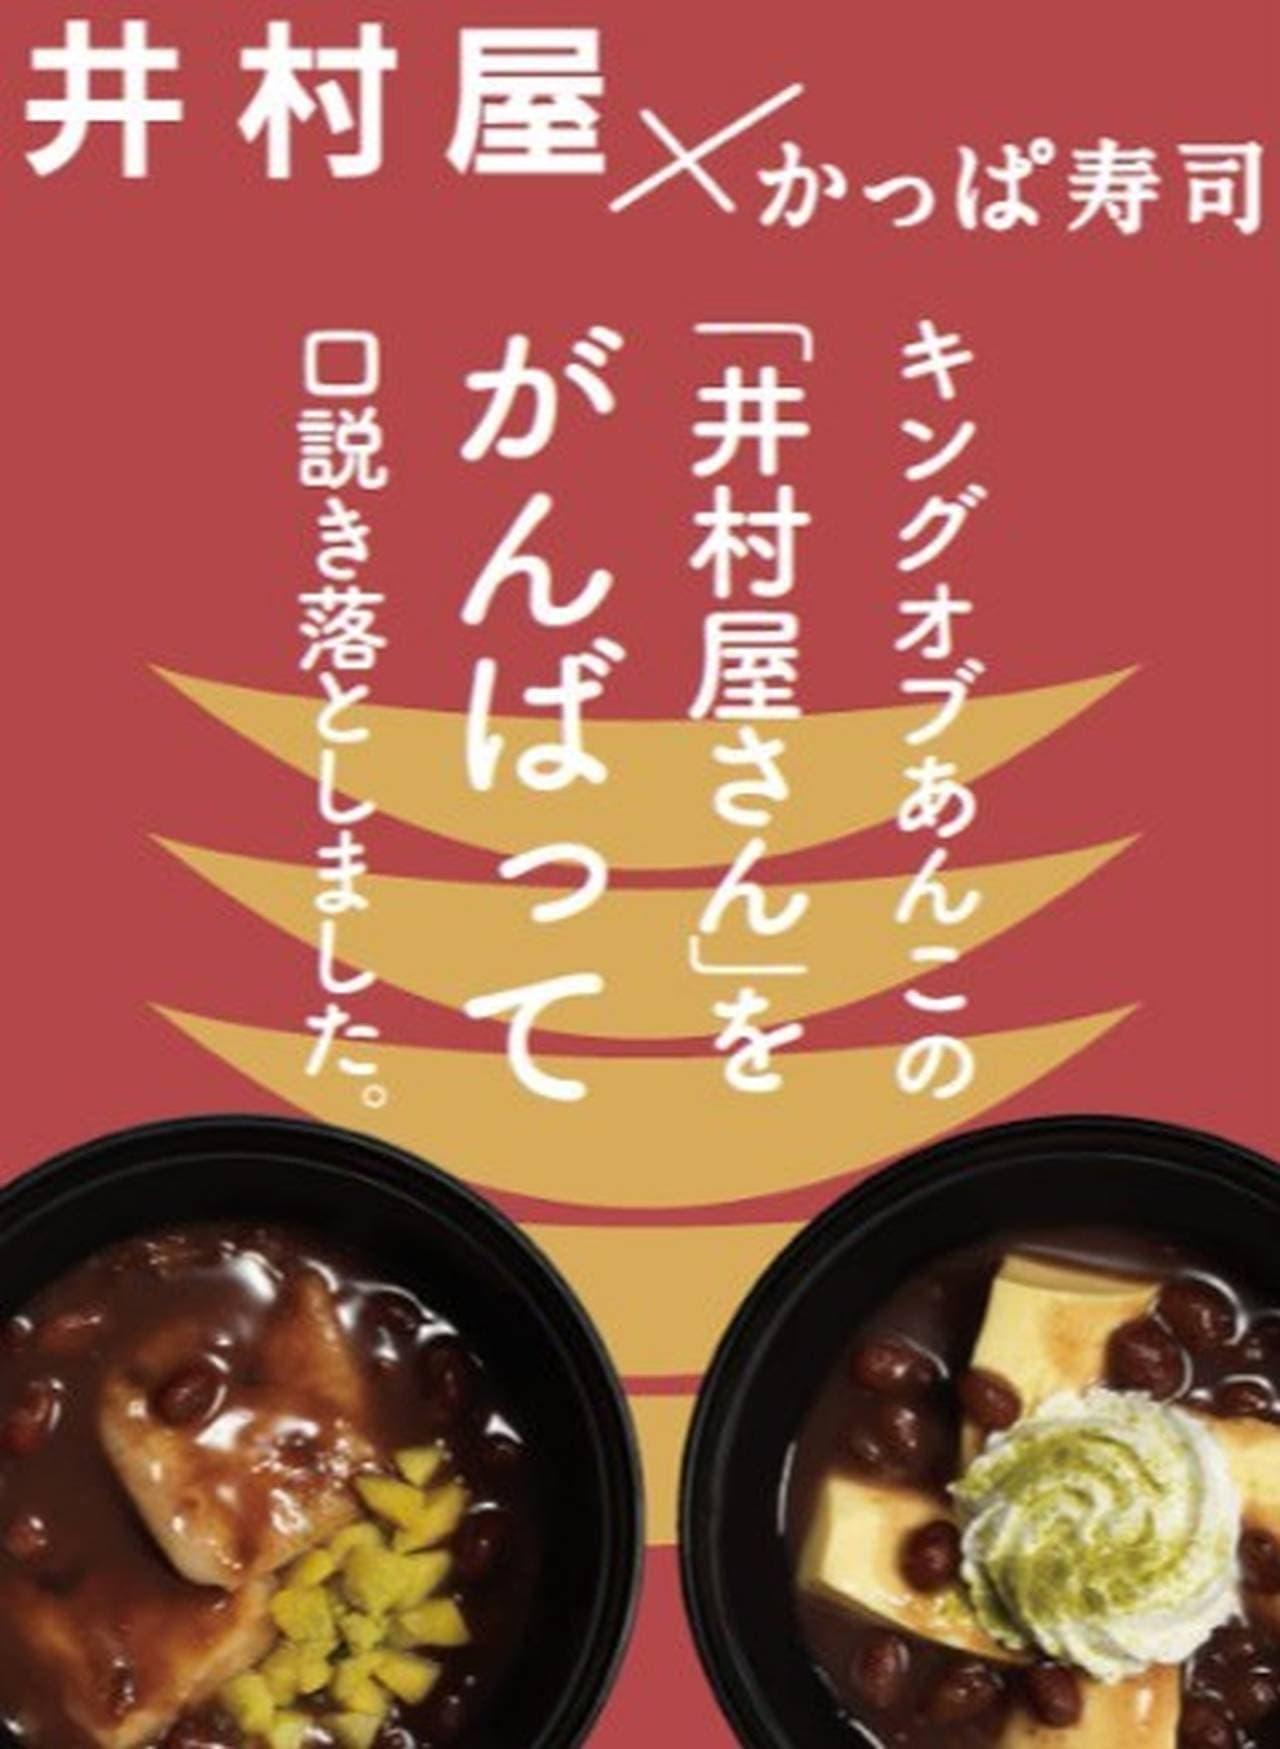 かっぱ寿司「焼餅入りぜんざい -王道粒あん汁粉仕立て-」&「プレミアムプリンぜんざい -冷やし汁粉仕立て-」